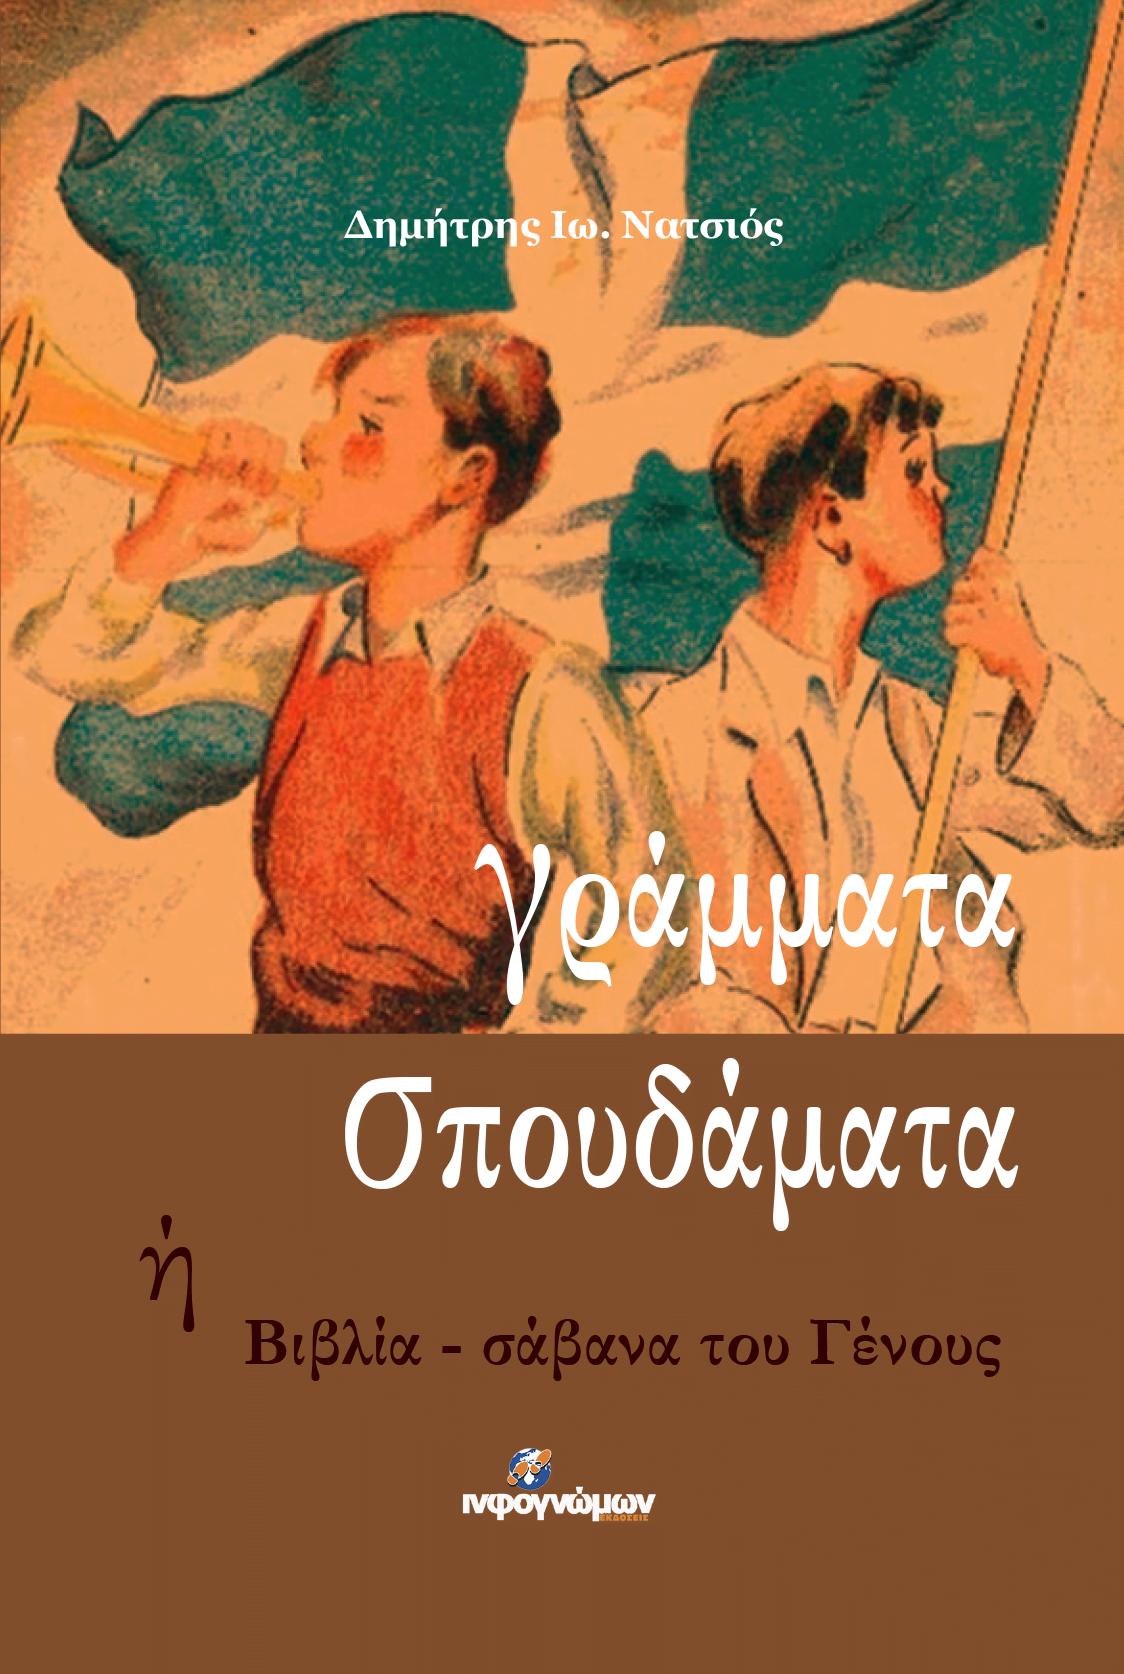 Νέα έκδοση: «Γράμματα σπουδάματα ή Βιβλία – σάβανα του Γένους», του δασκάλου Δημήτρη Νατσιού